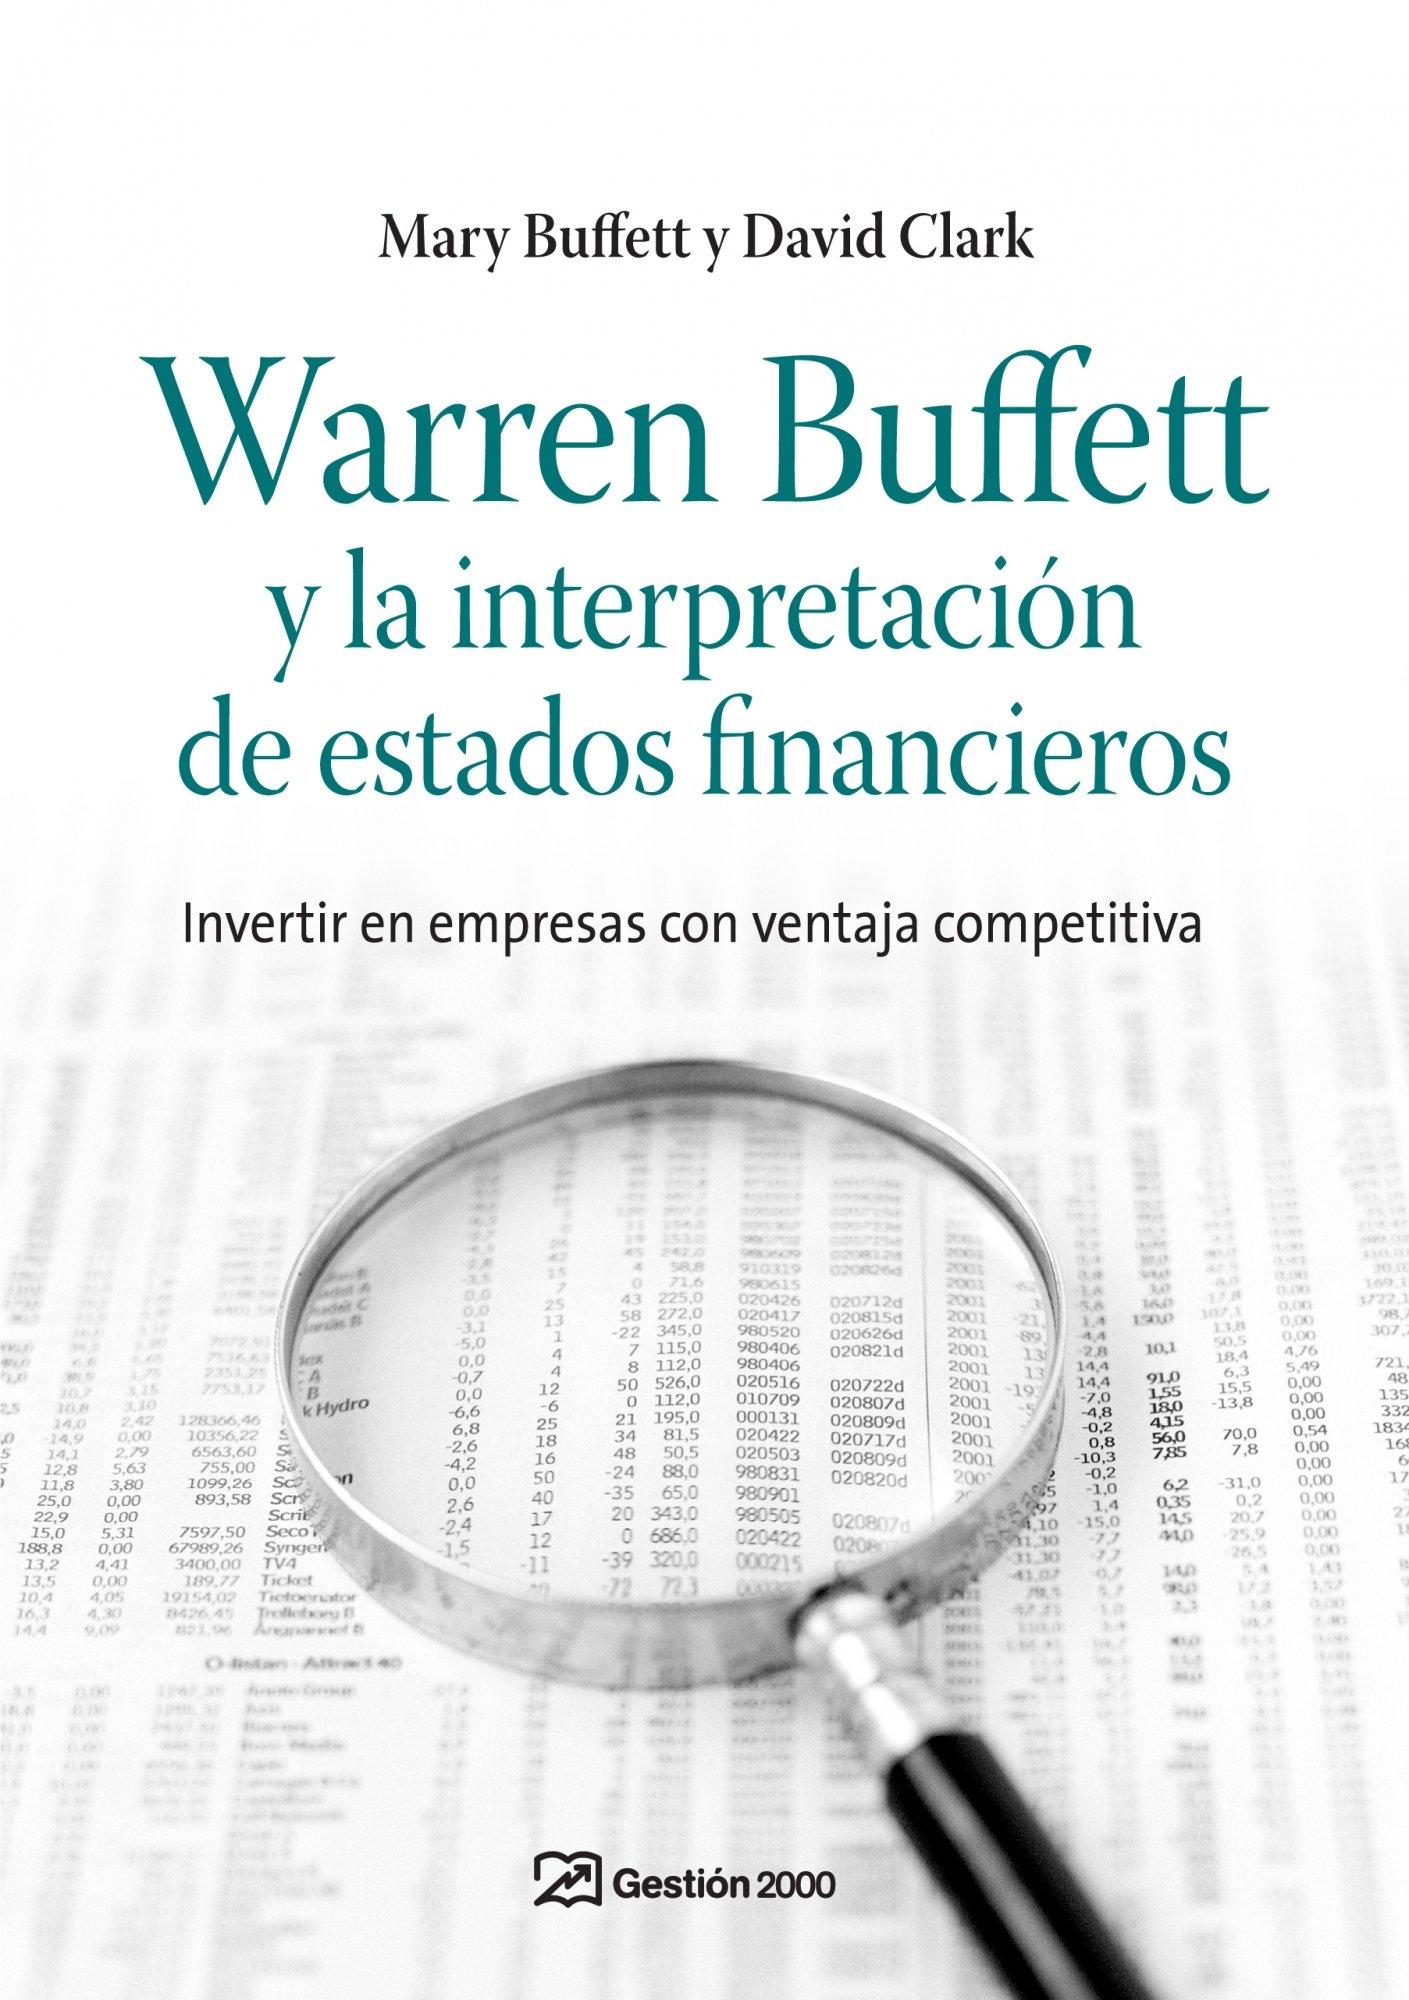 Warren Buffett y la interpretación de estados financieros: Invertir en empresas con ventaja competitiva (Spanish Edition)